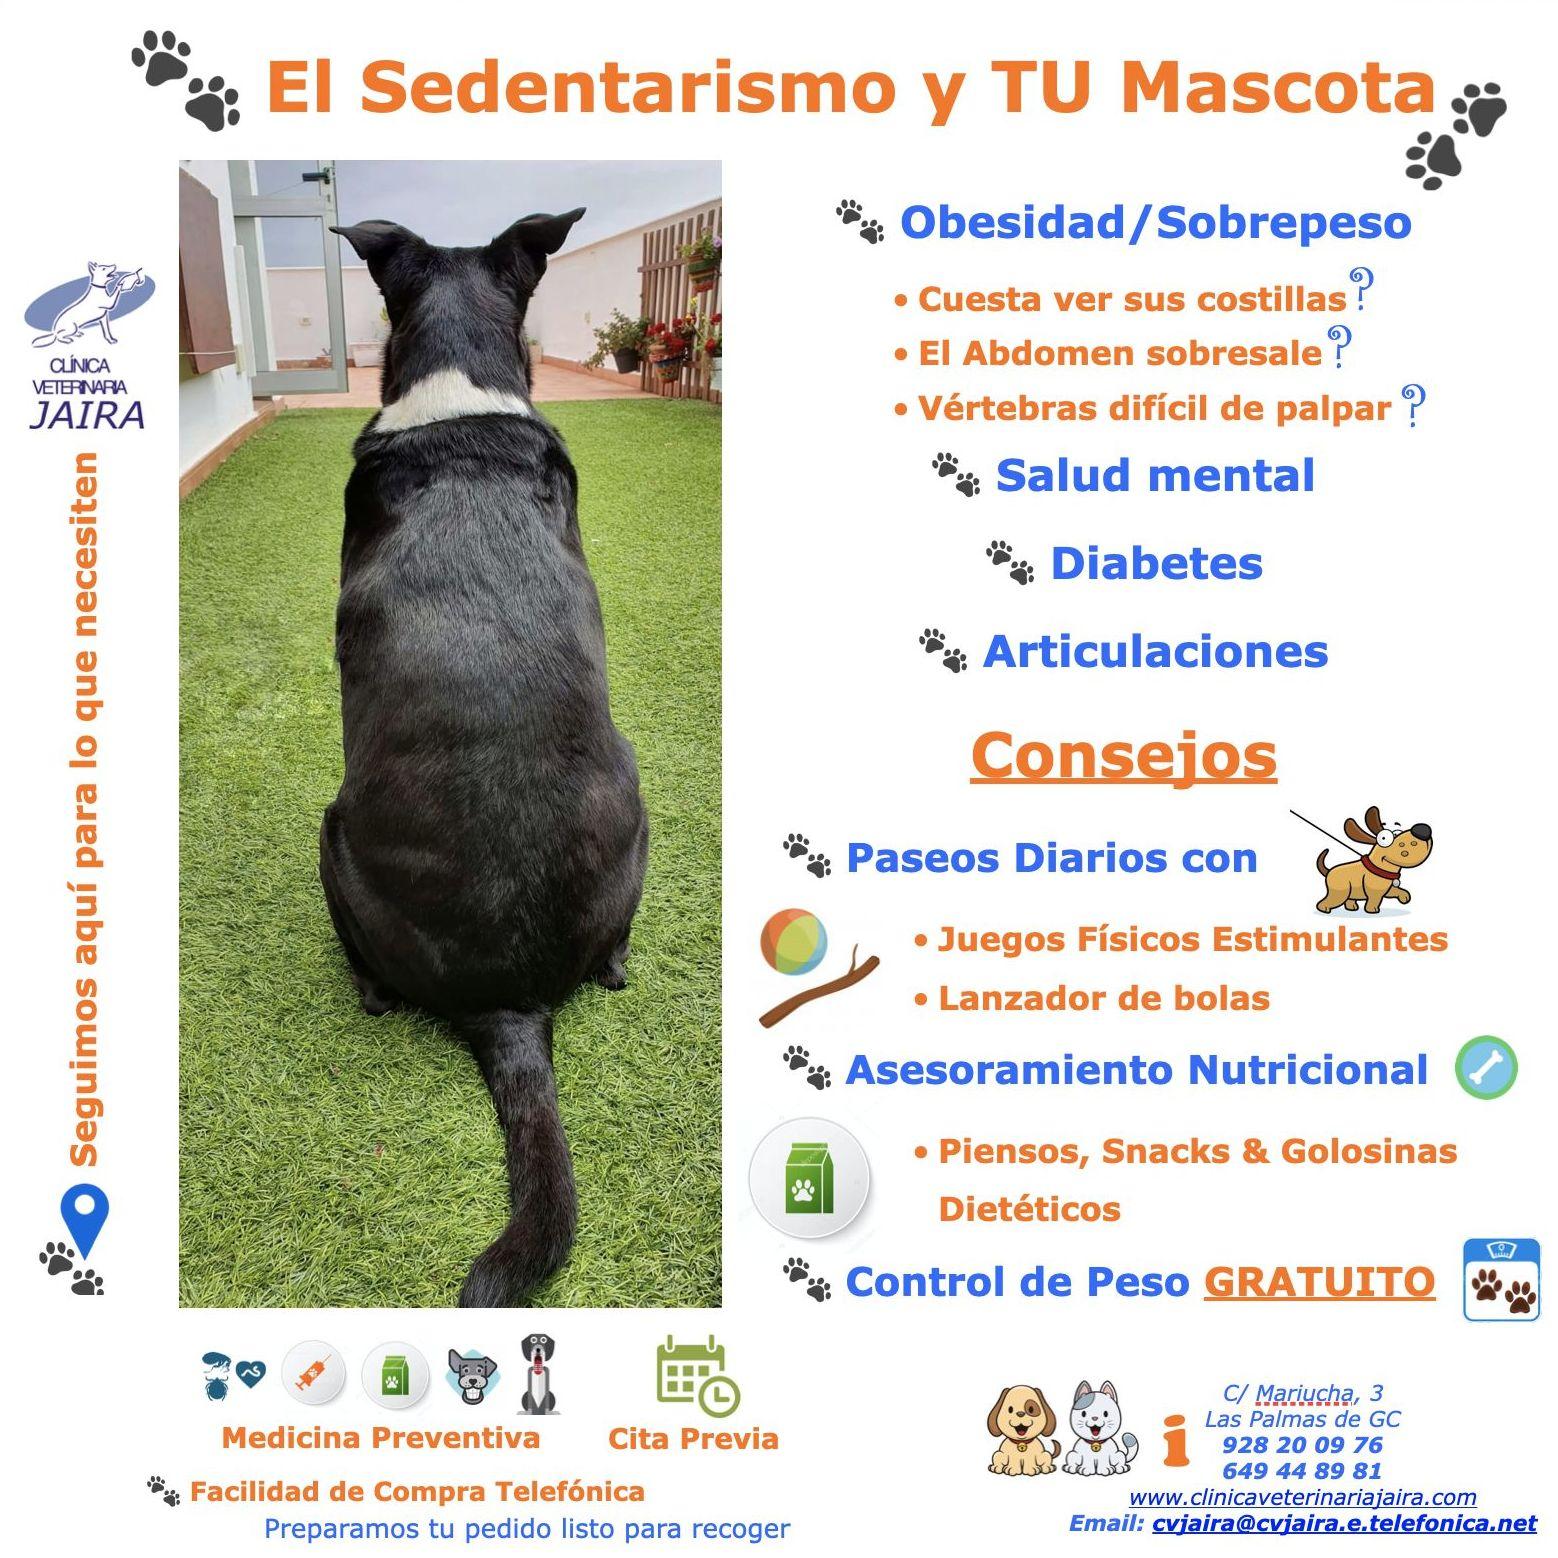 El Sedentarismo y TU Mascota: SÍNTOMAS & CONSEJOS